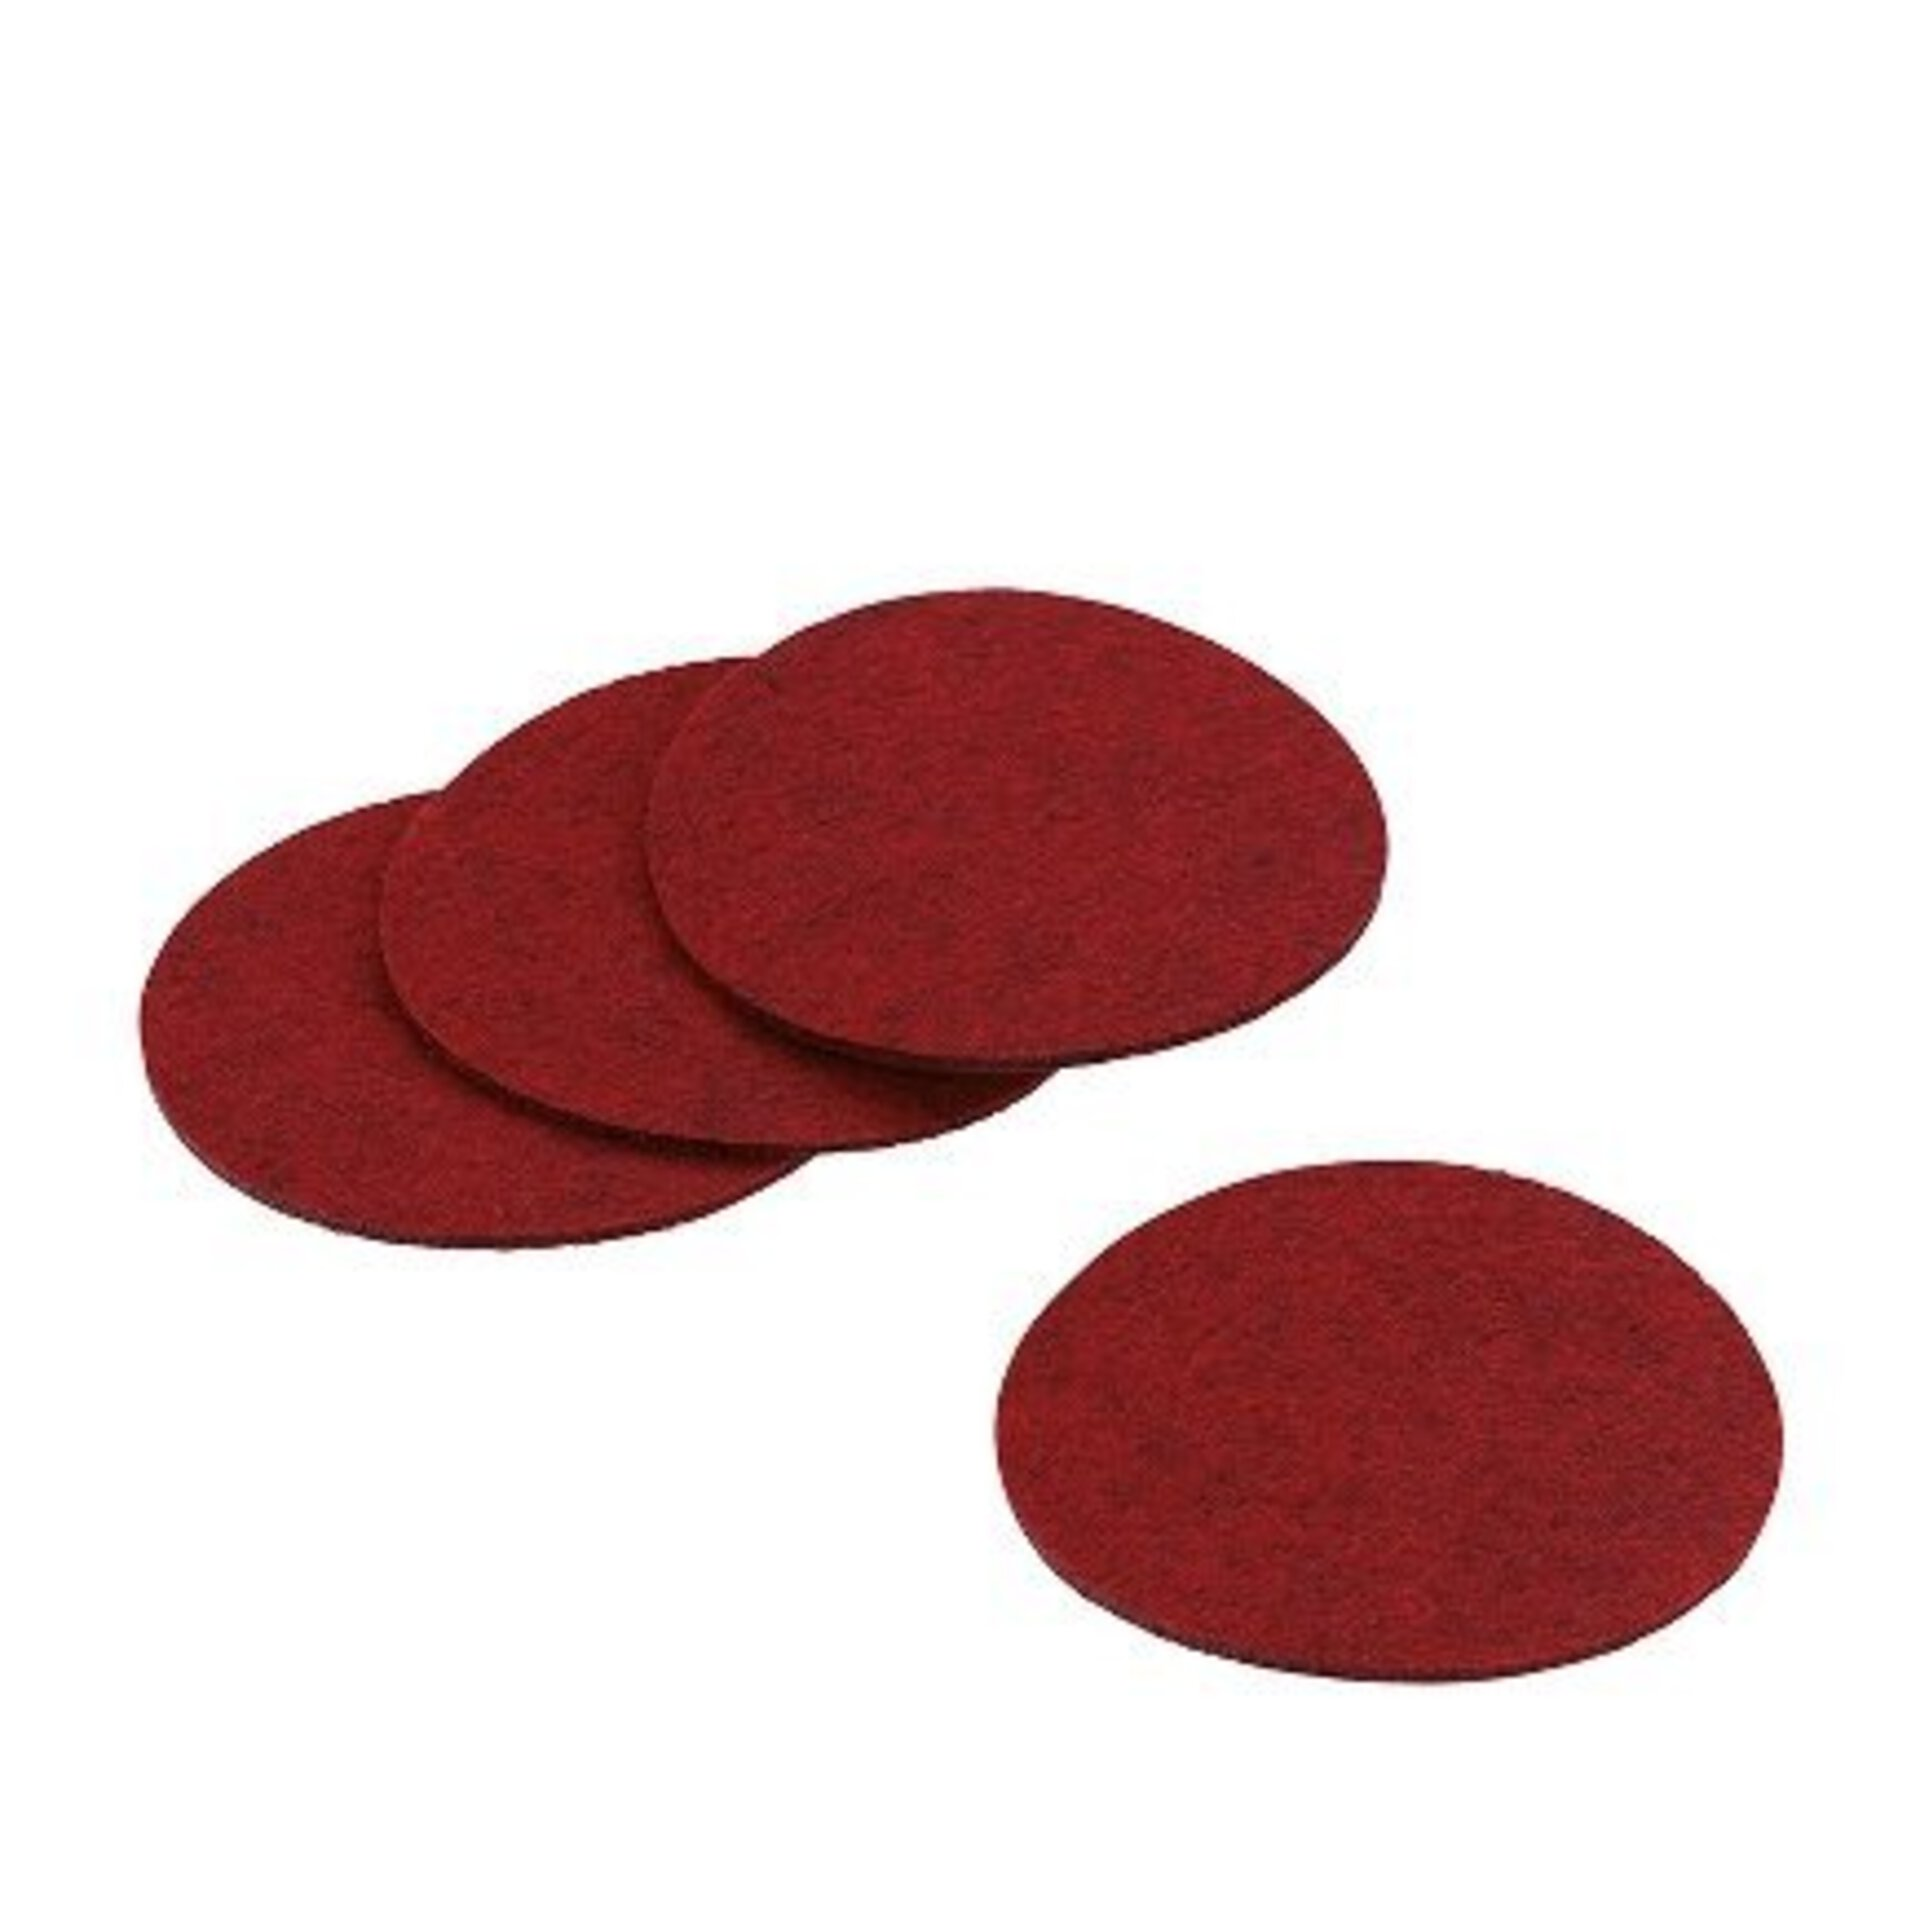 Gedeckter Tisch Alia Kela Textil rot